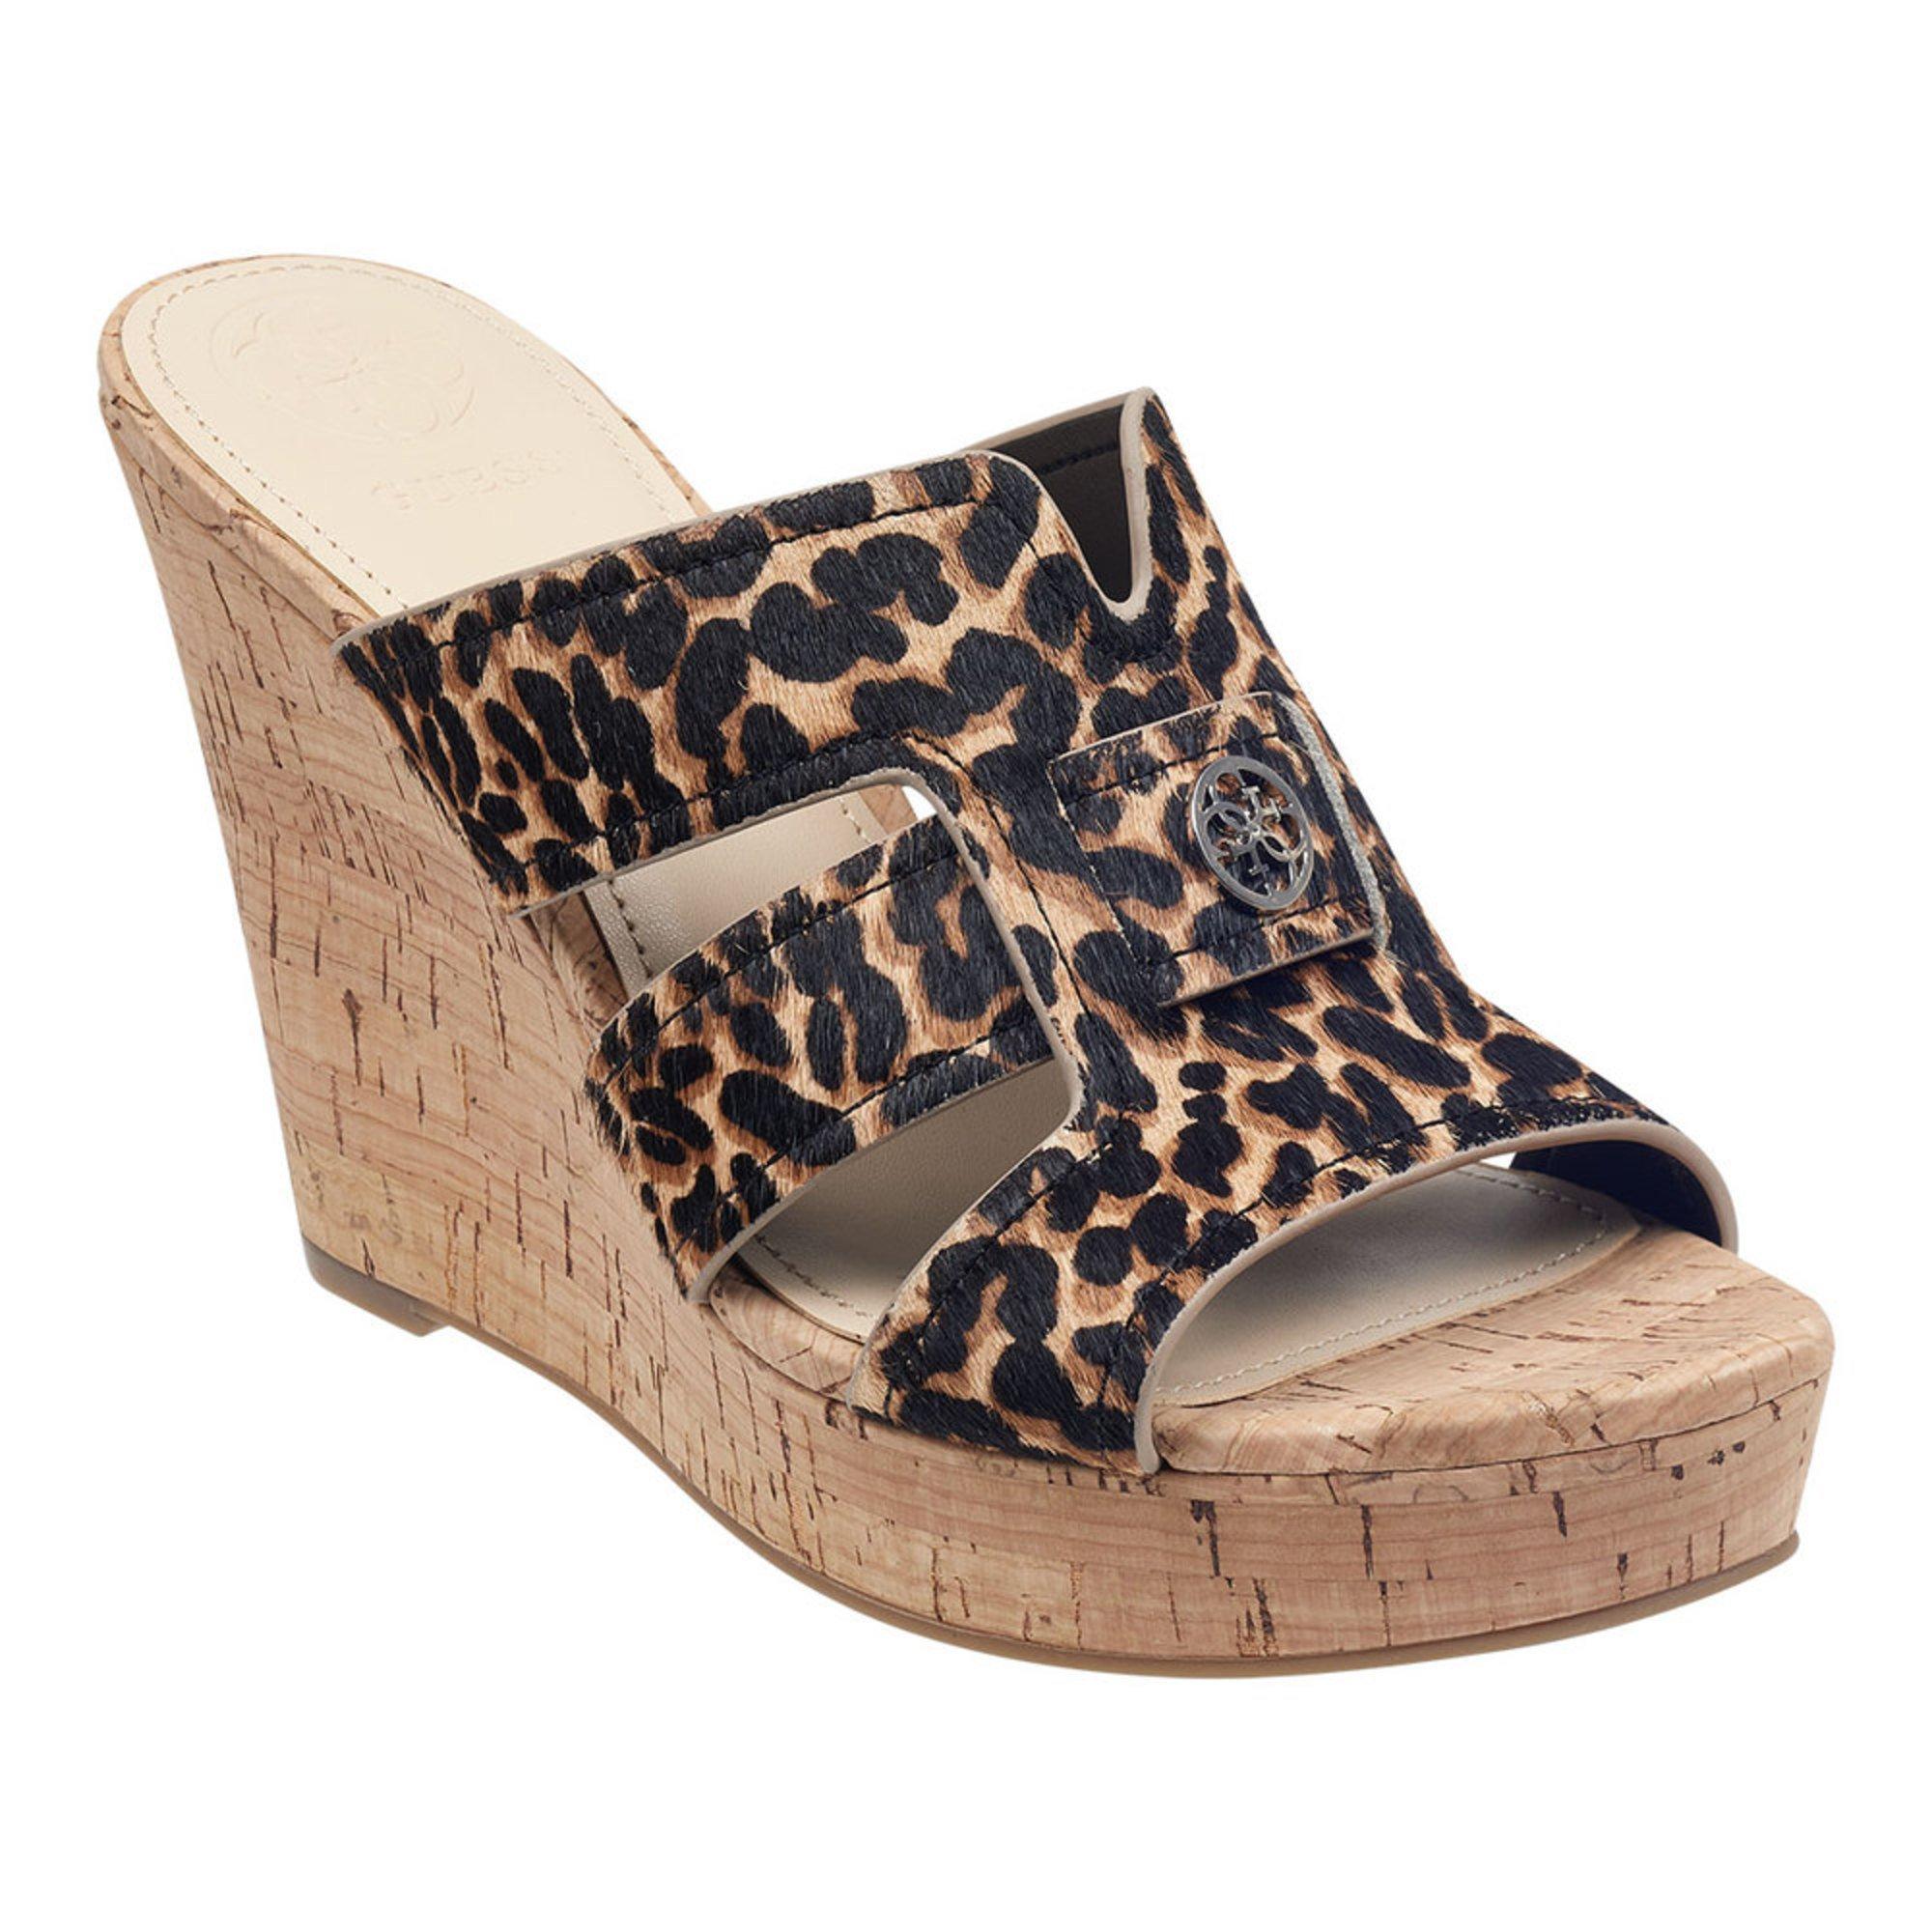 07178e18ed3 Guess Women s Eadran Wedge Cork Sandal